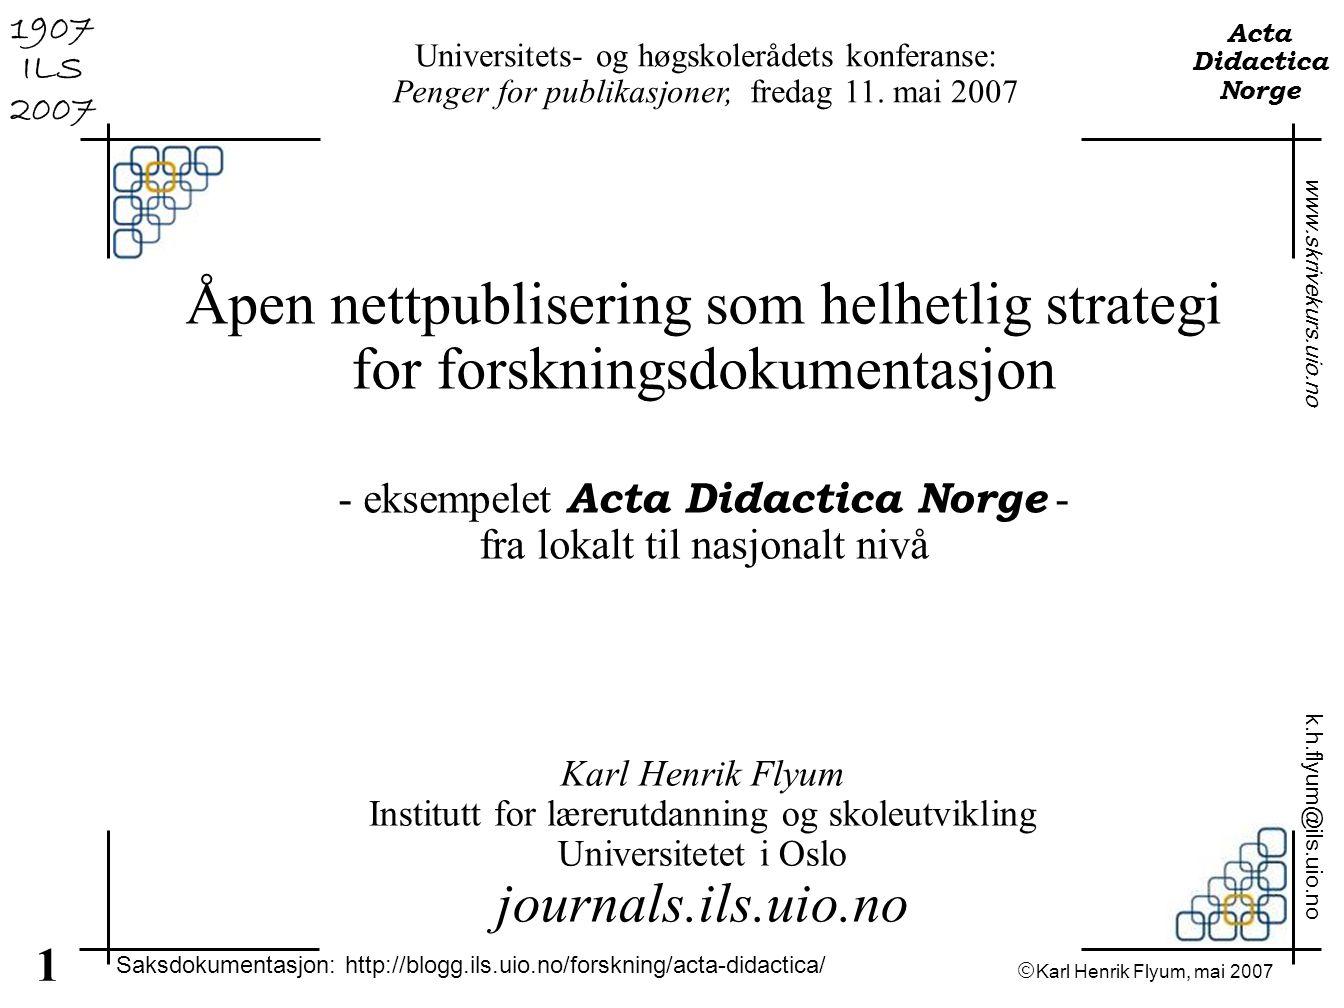 - eksempelet Acta Didactica Norge - fra lokalt til nasjonalt nivå